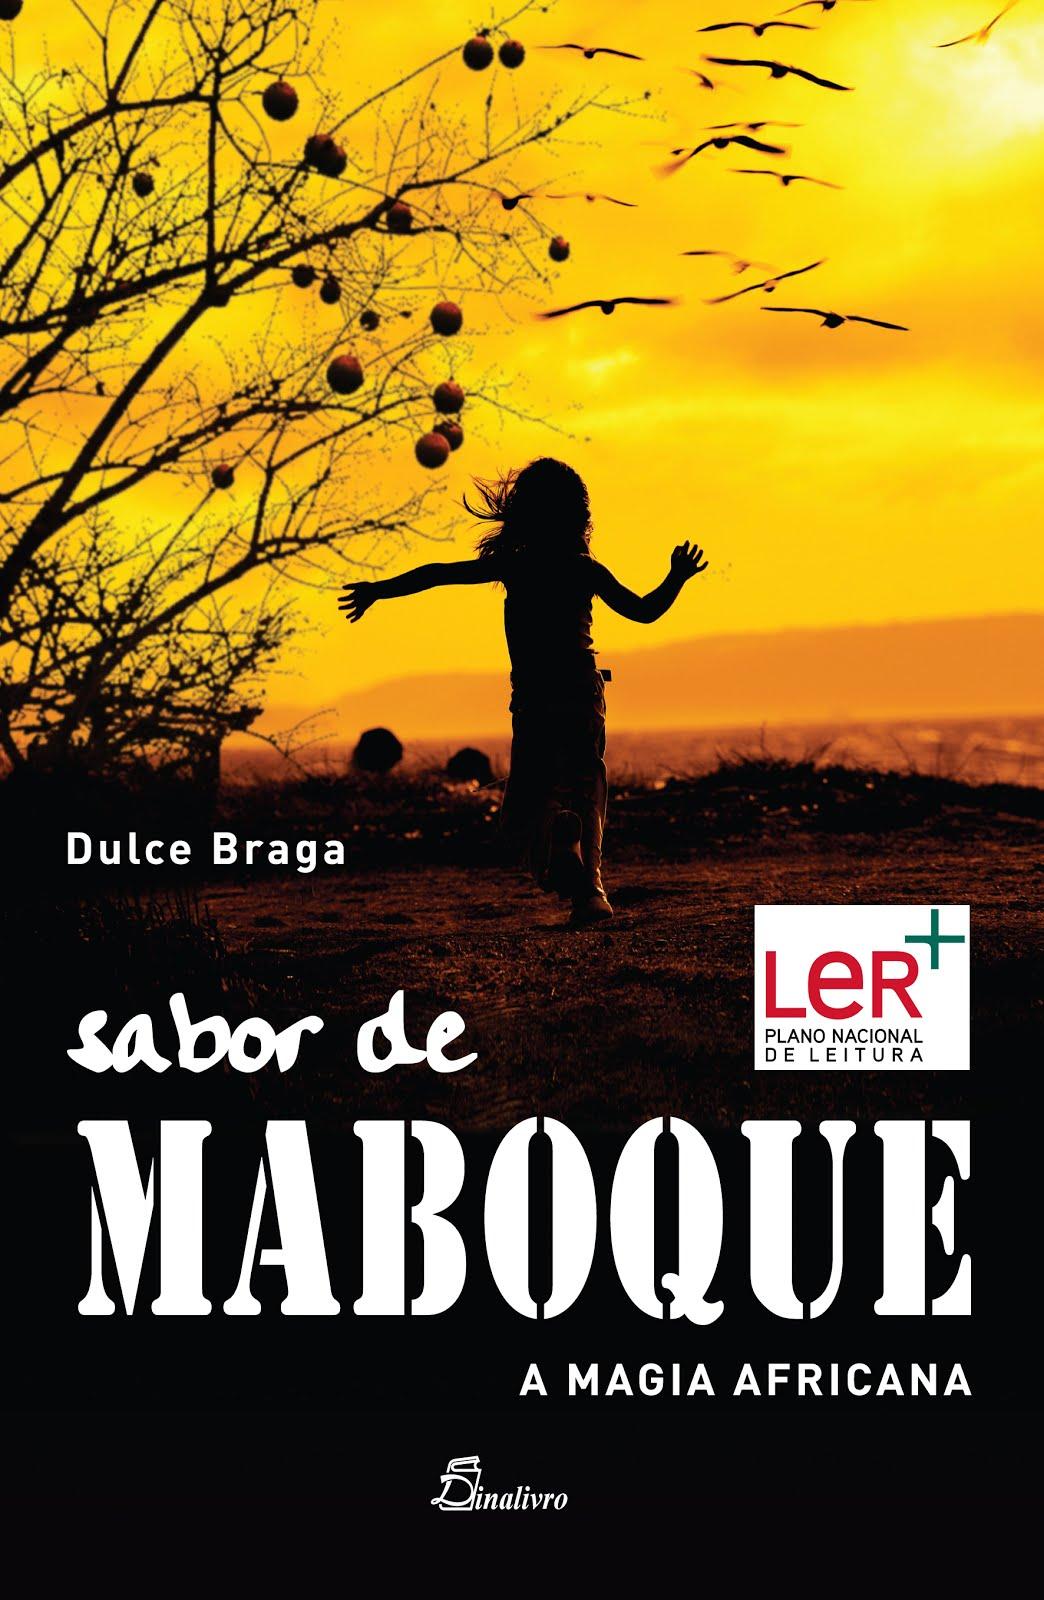 Contato da autora: dulce@mpcnet.com.br / facebook: Sabor de Maboque - A Magia Africana